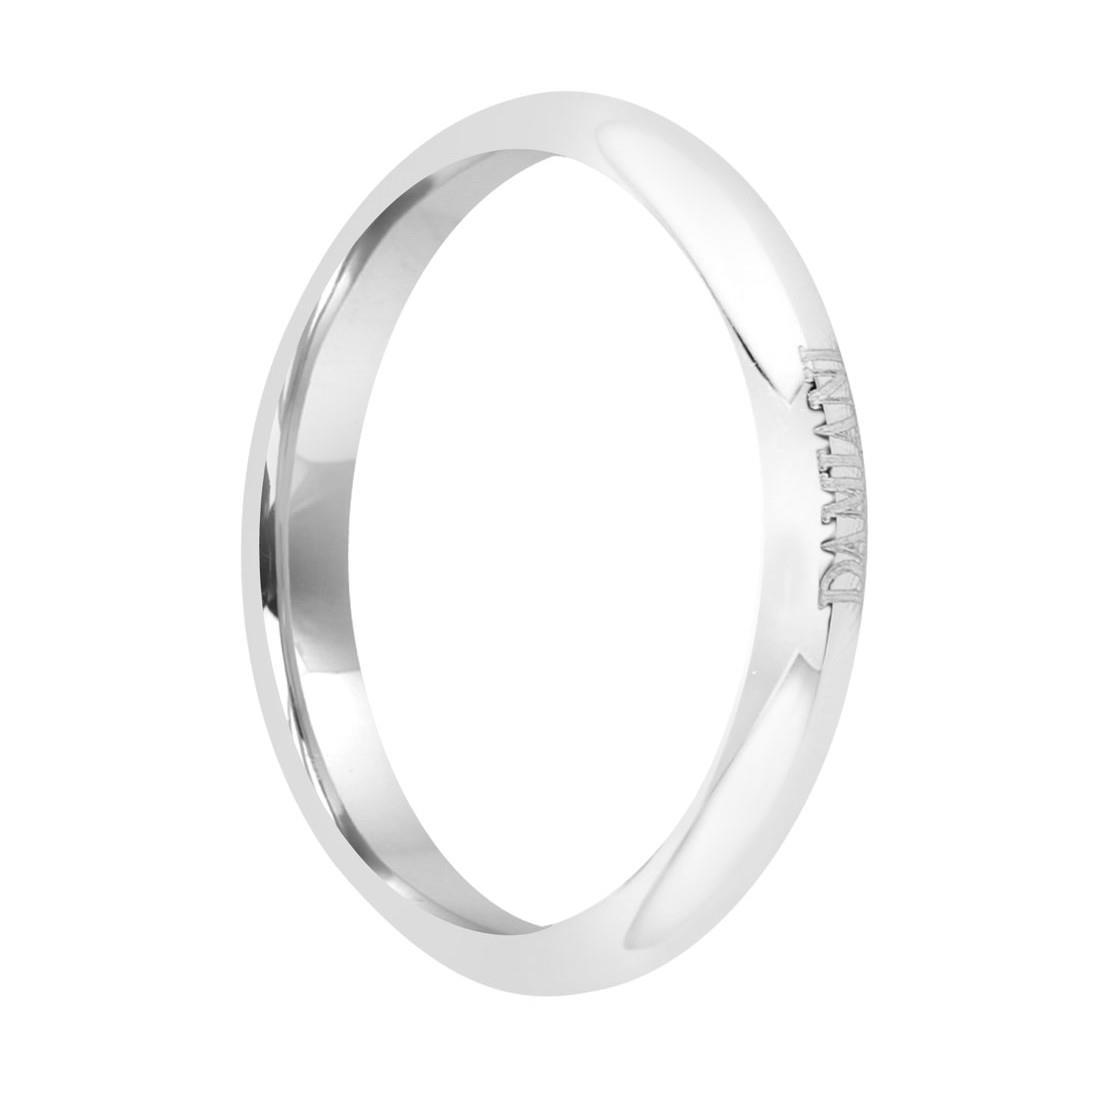 Anello fede in platino 2mm, misura 17 - DAMIANI